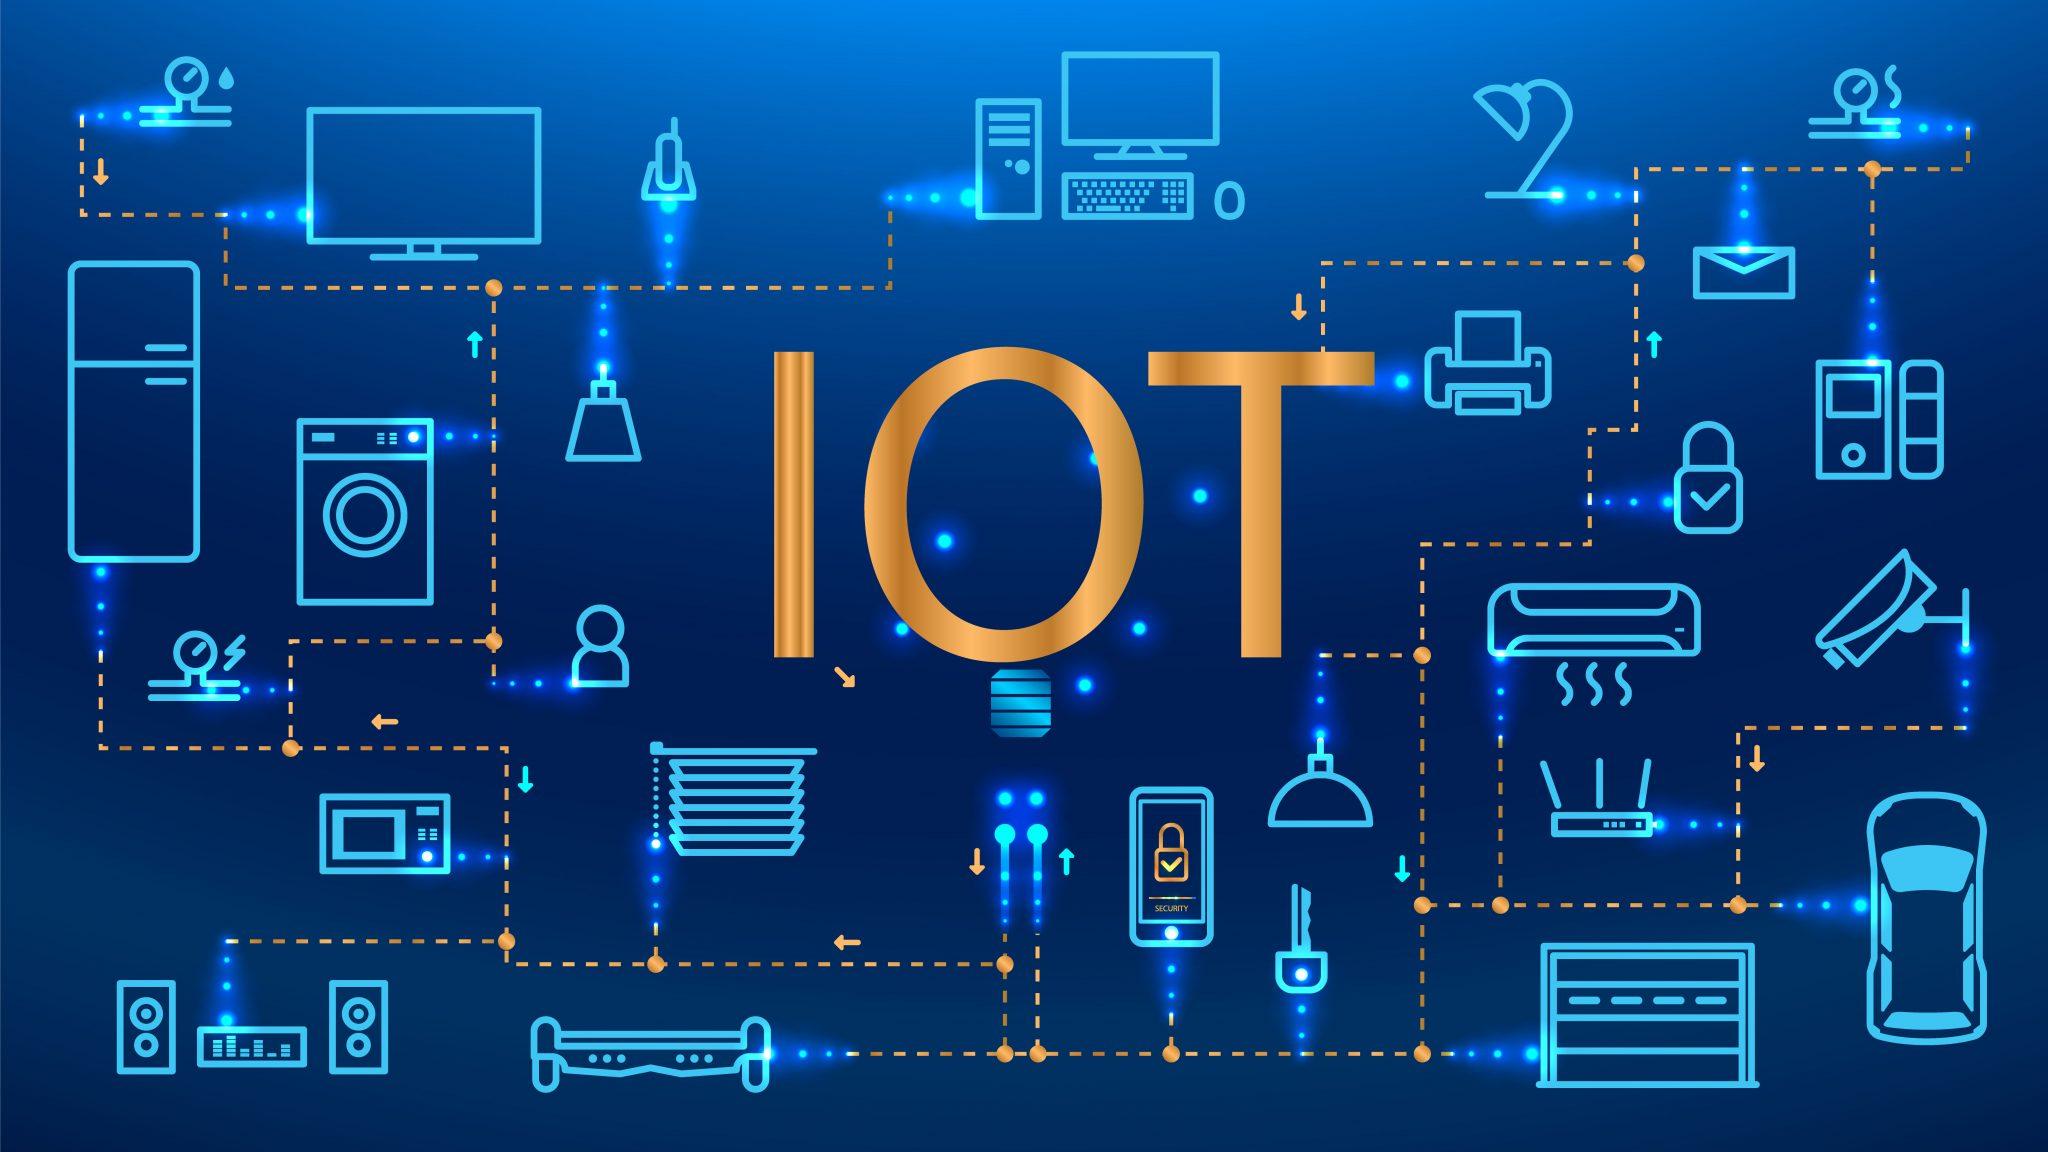 物联网技术在智能矿山建设中的应用